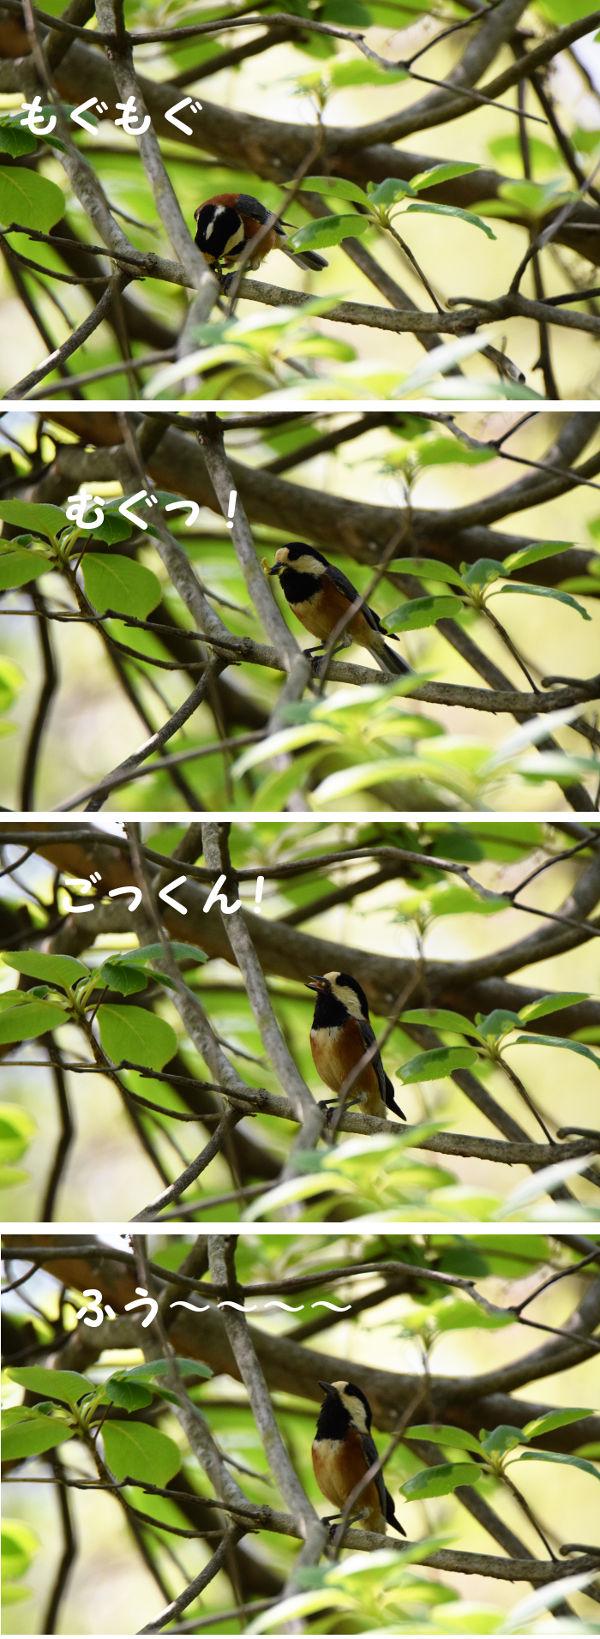 yamagara2341_20160426.jpg